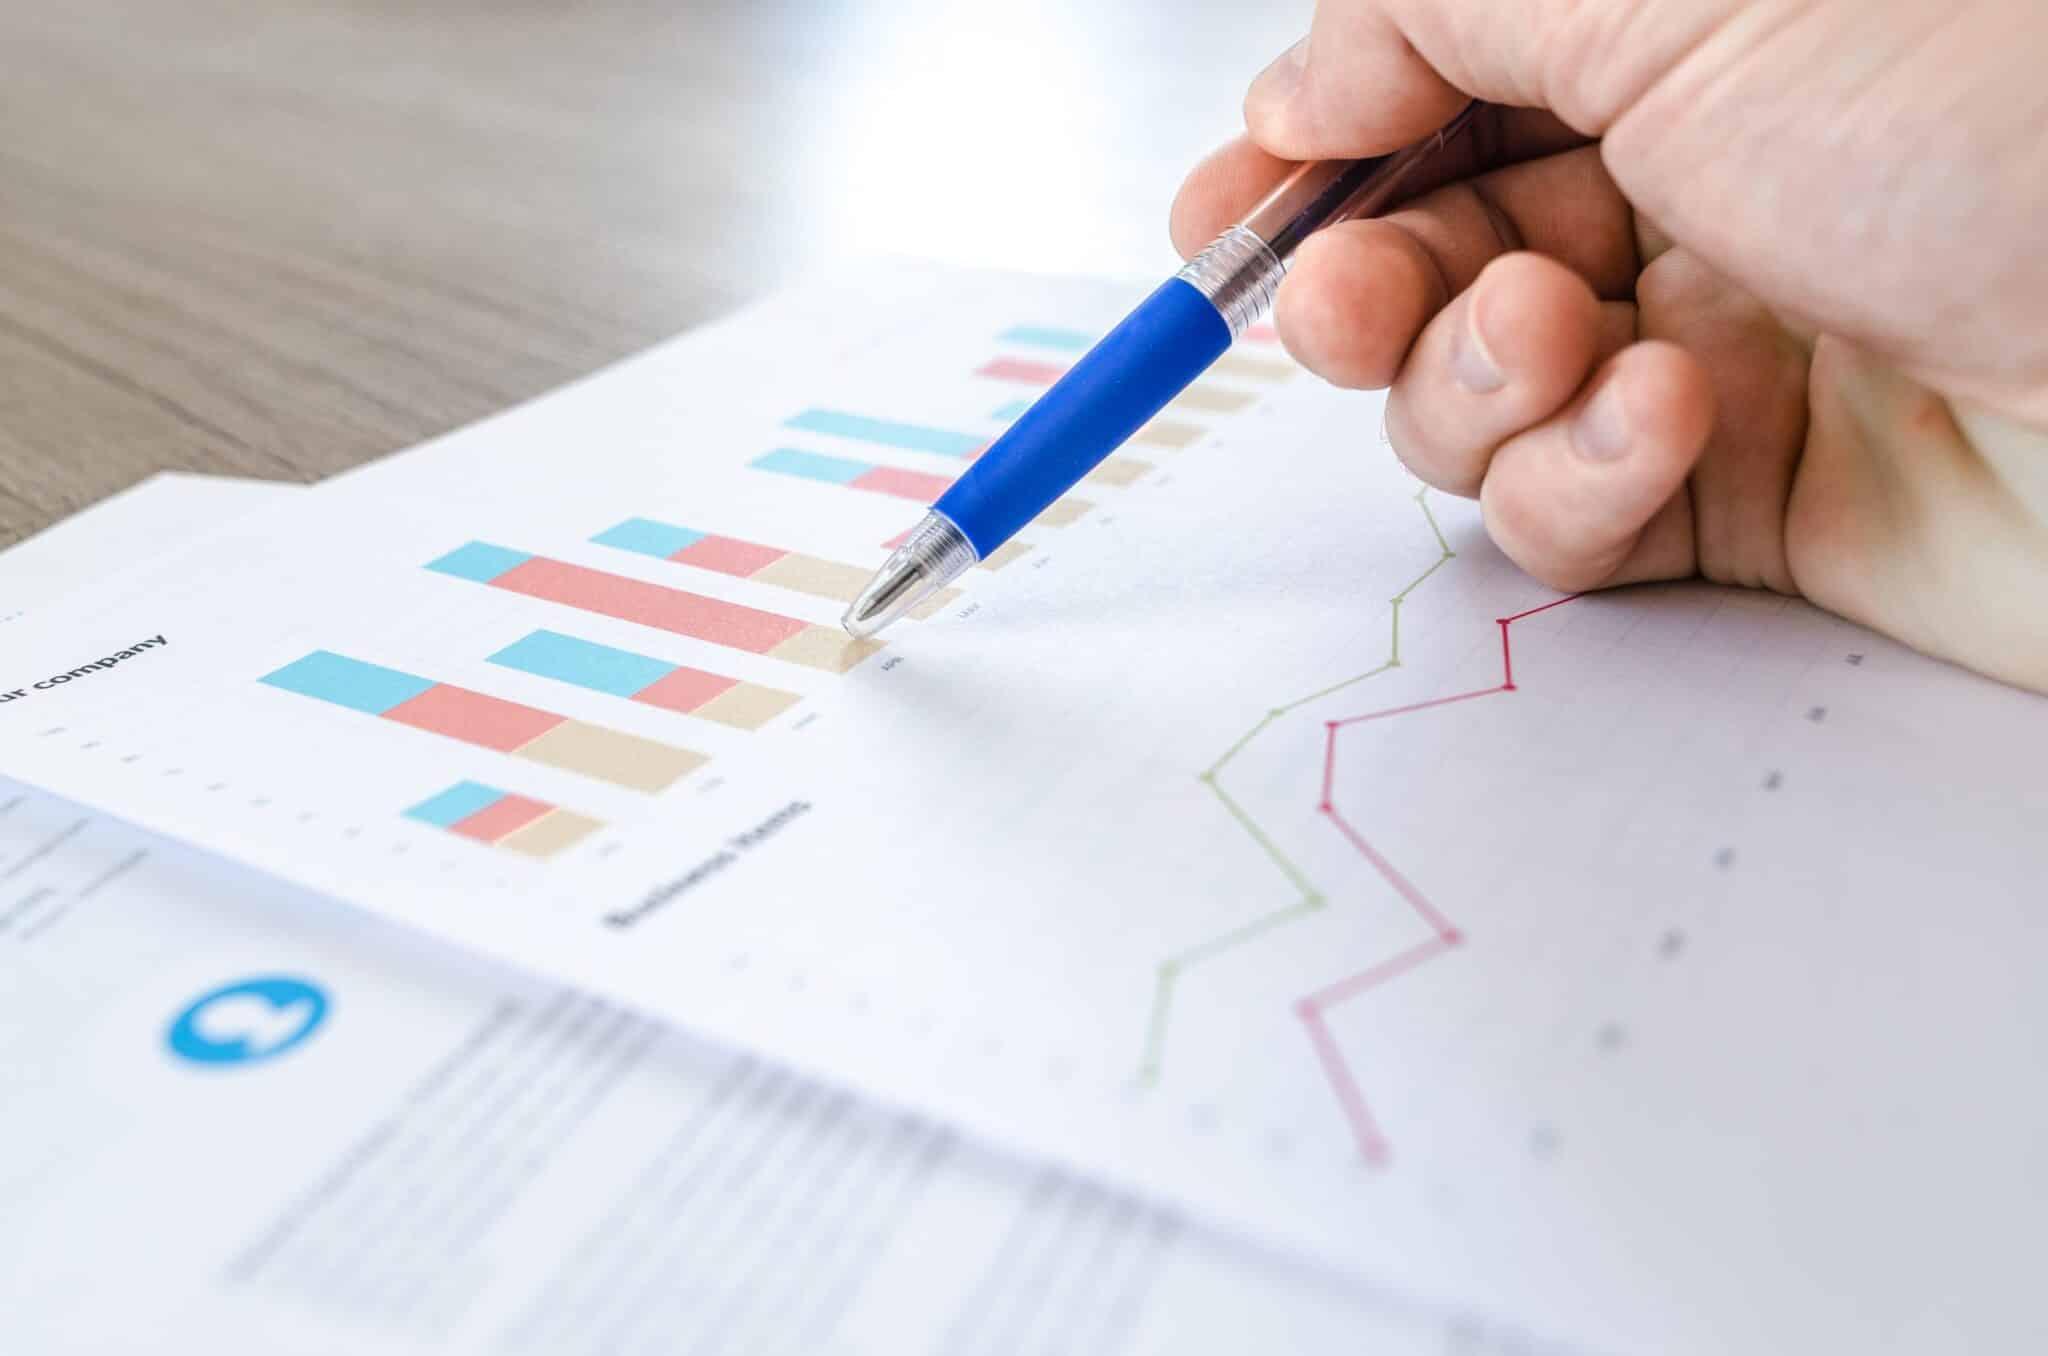 Vốn điều lệ khi thành lập doanh nghiệp được quy định như nào?